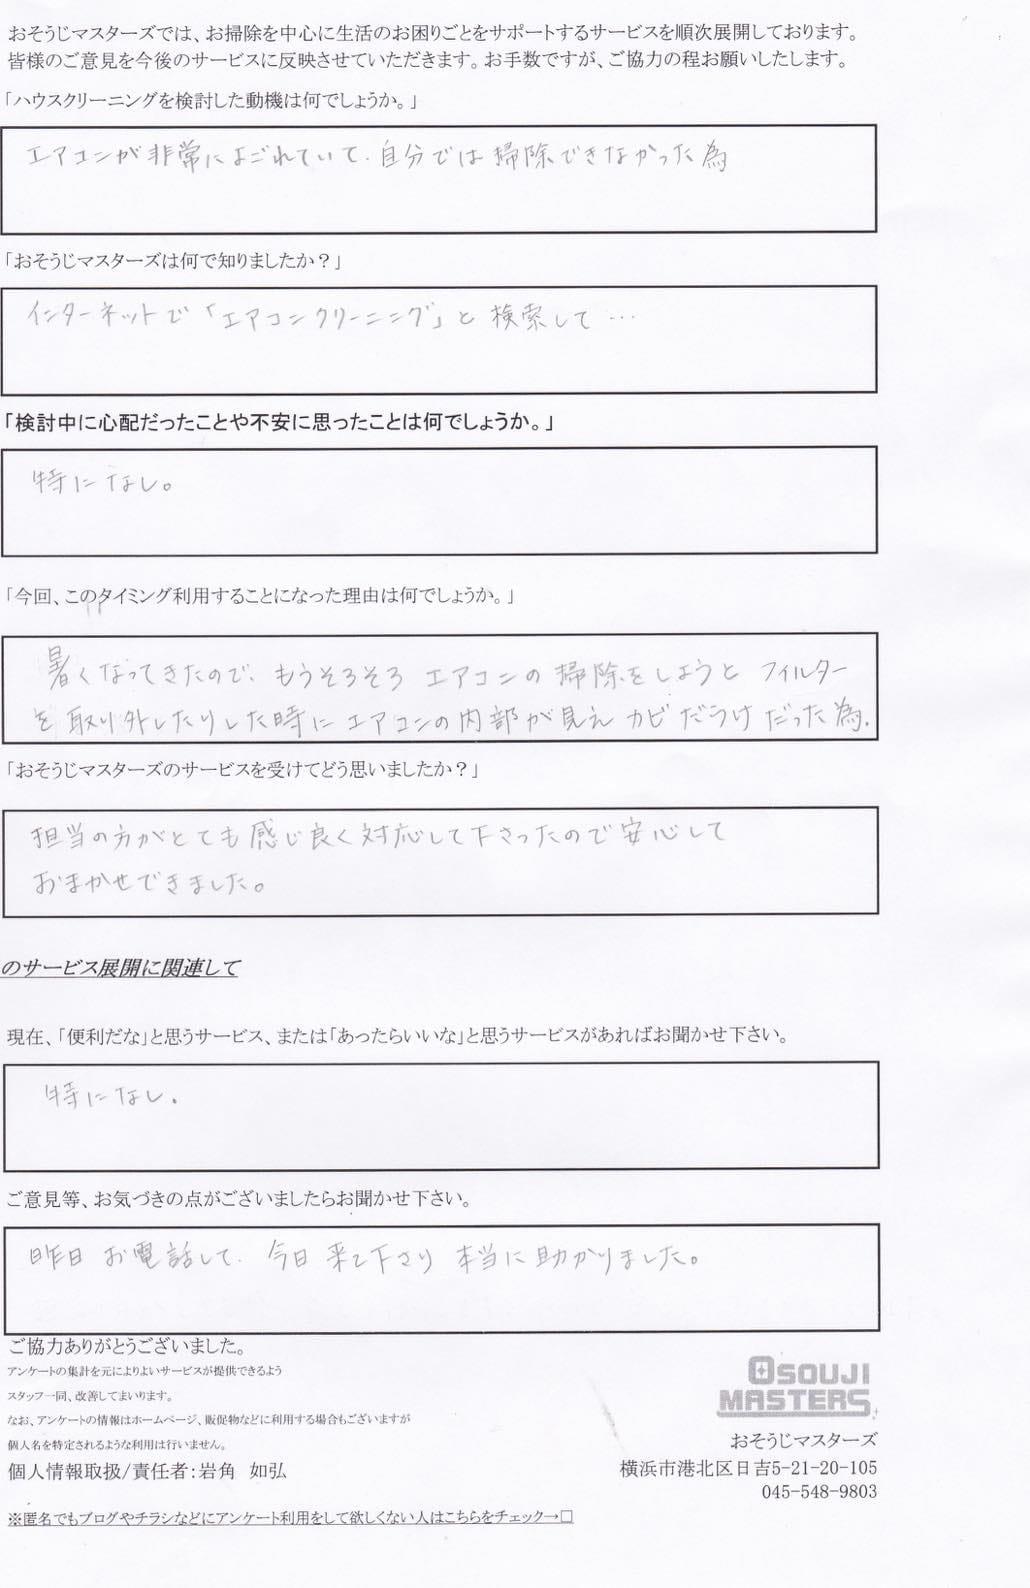 2015.5.15利用者アンケート